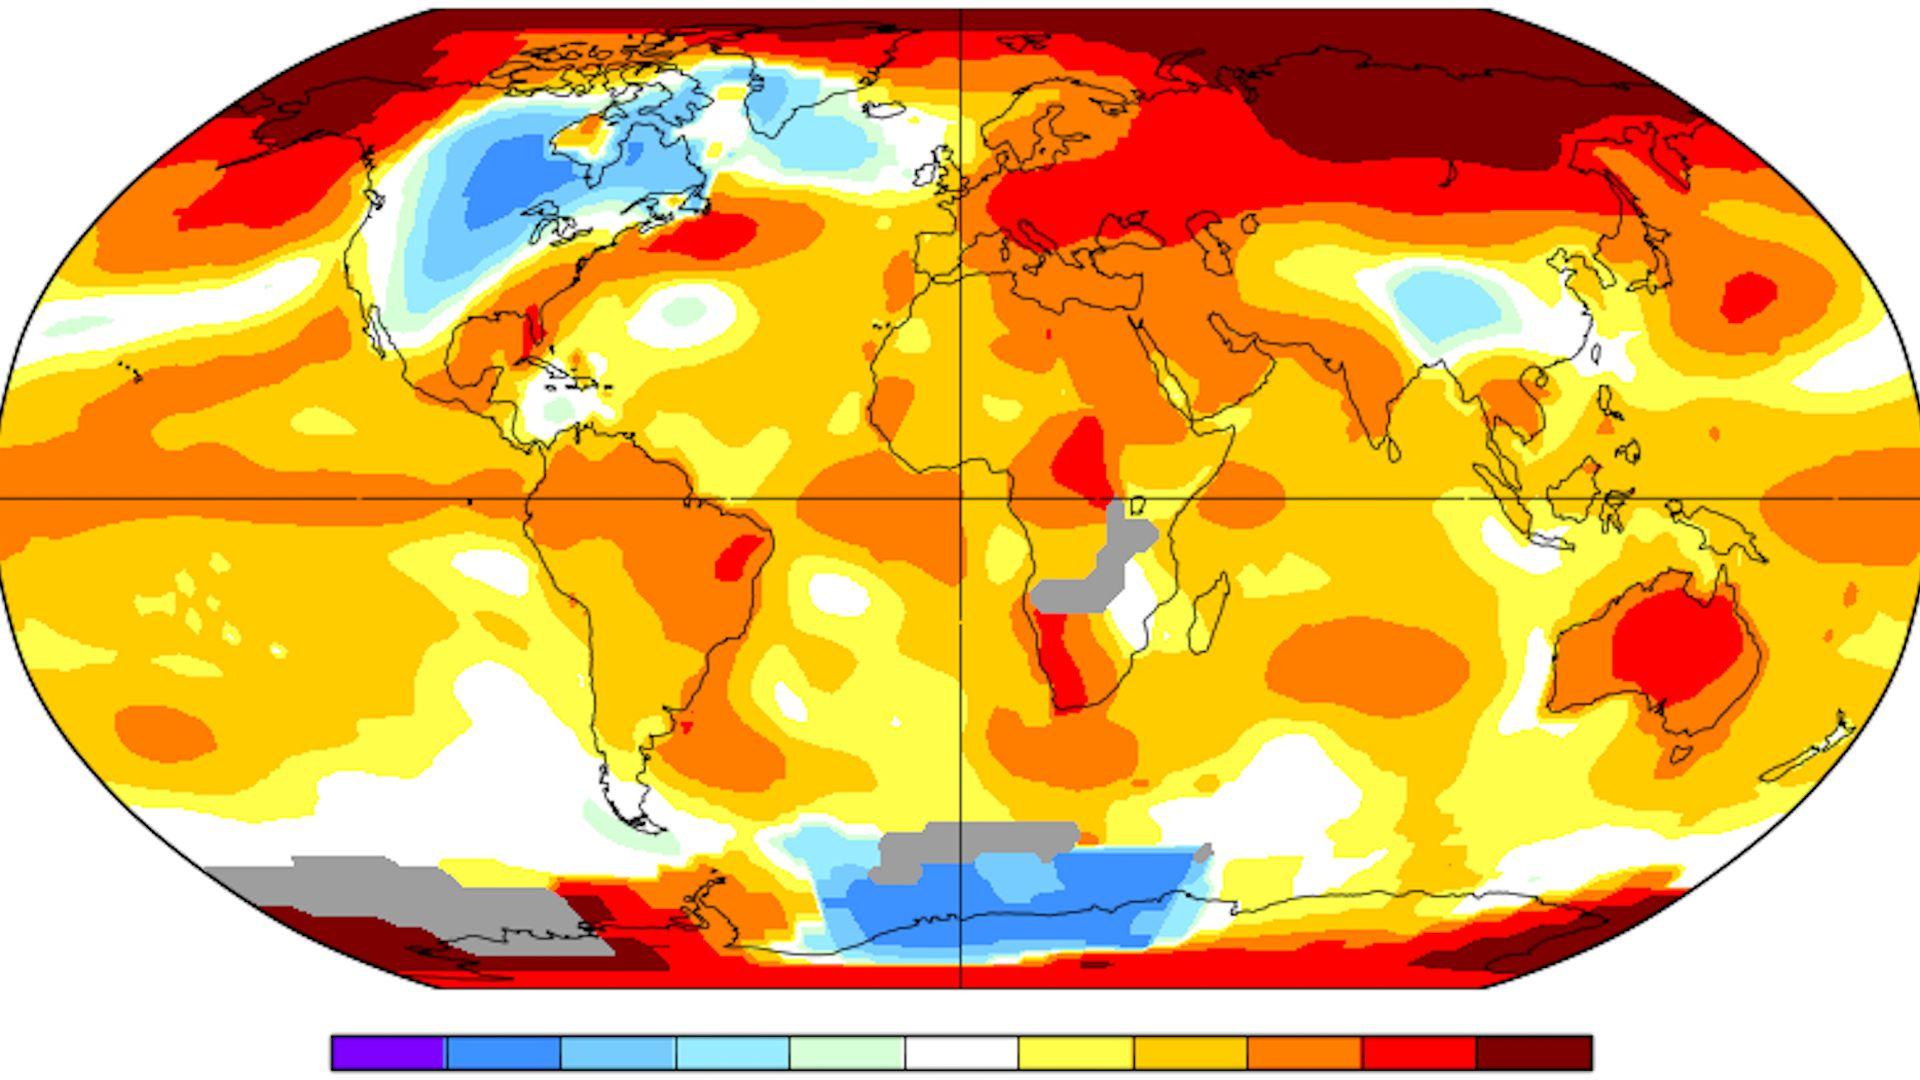 Calentamiento global es cada vez más inminente (Foto: Especial NASA)